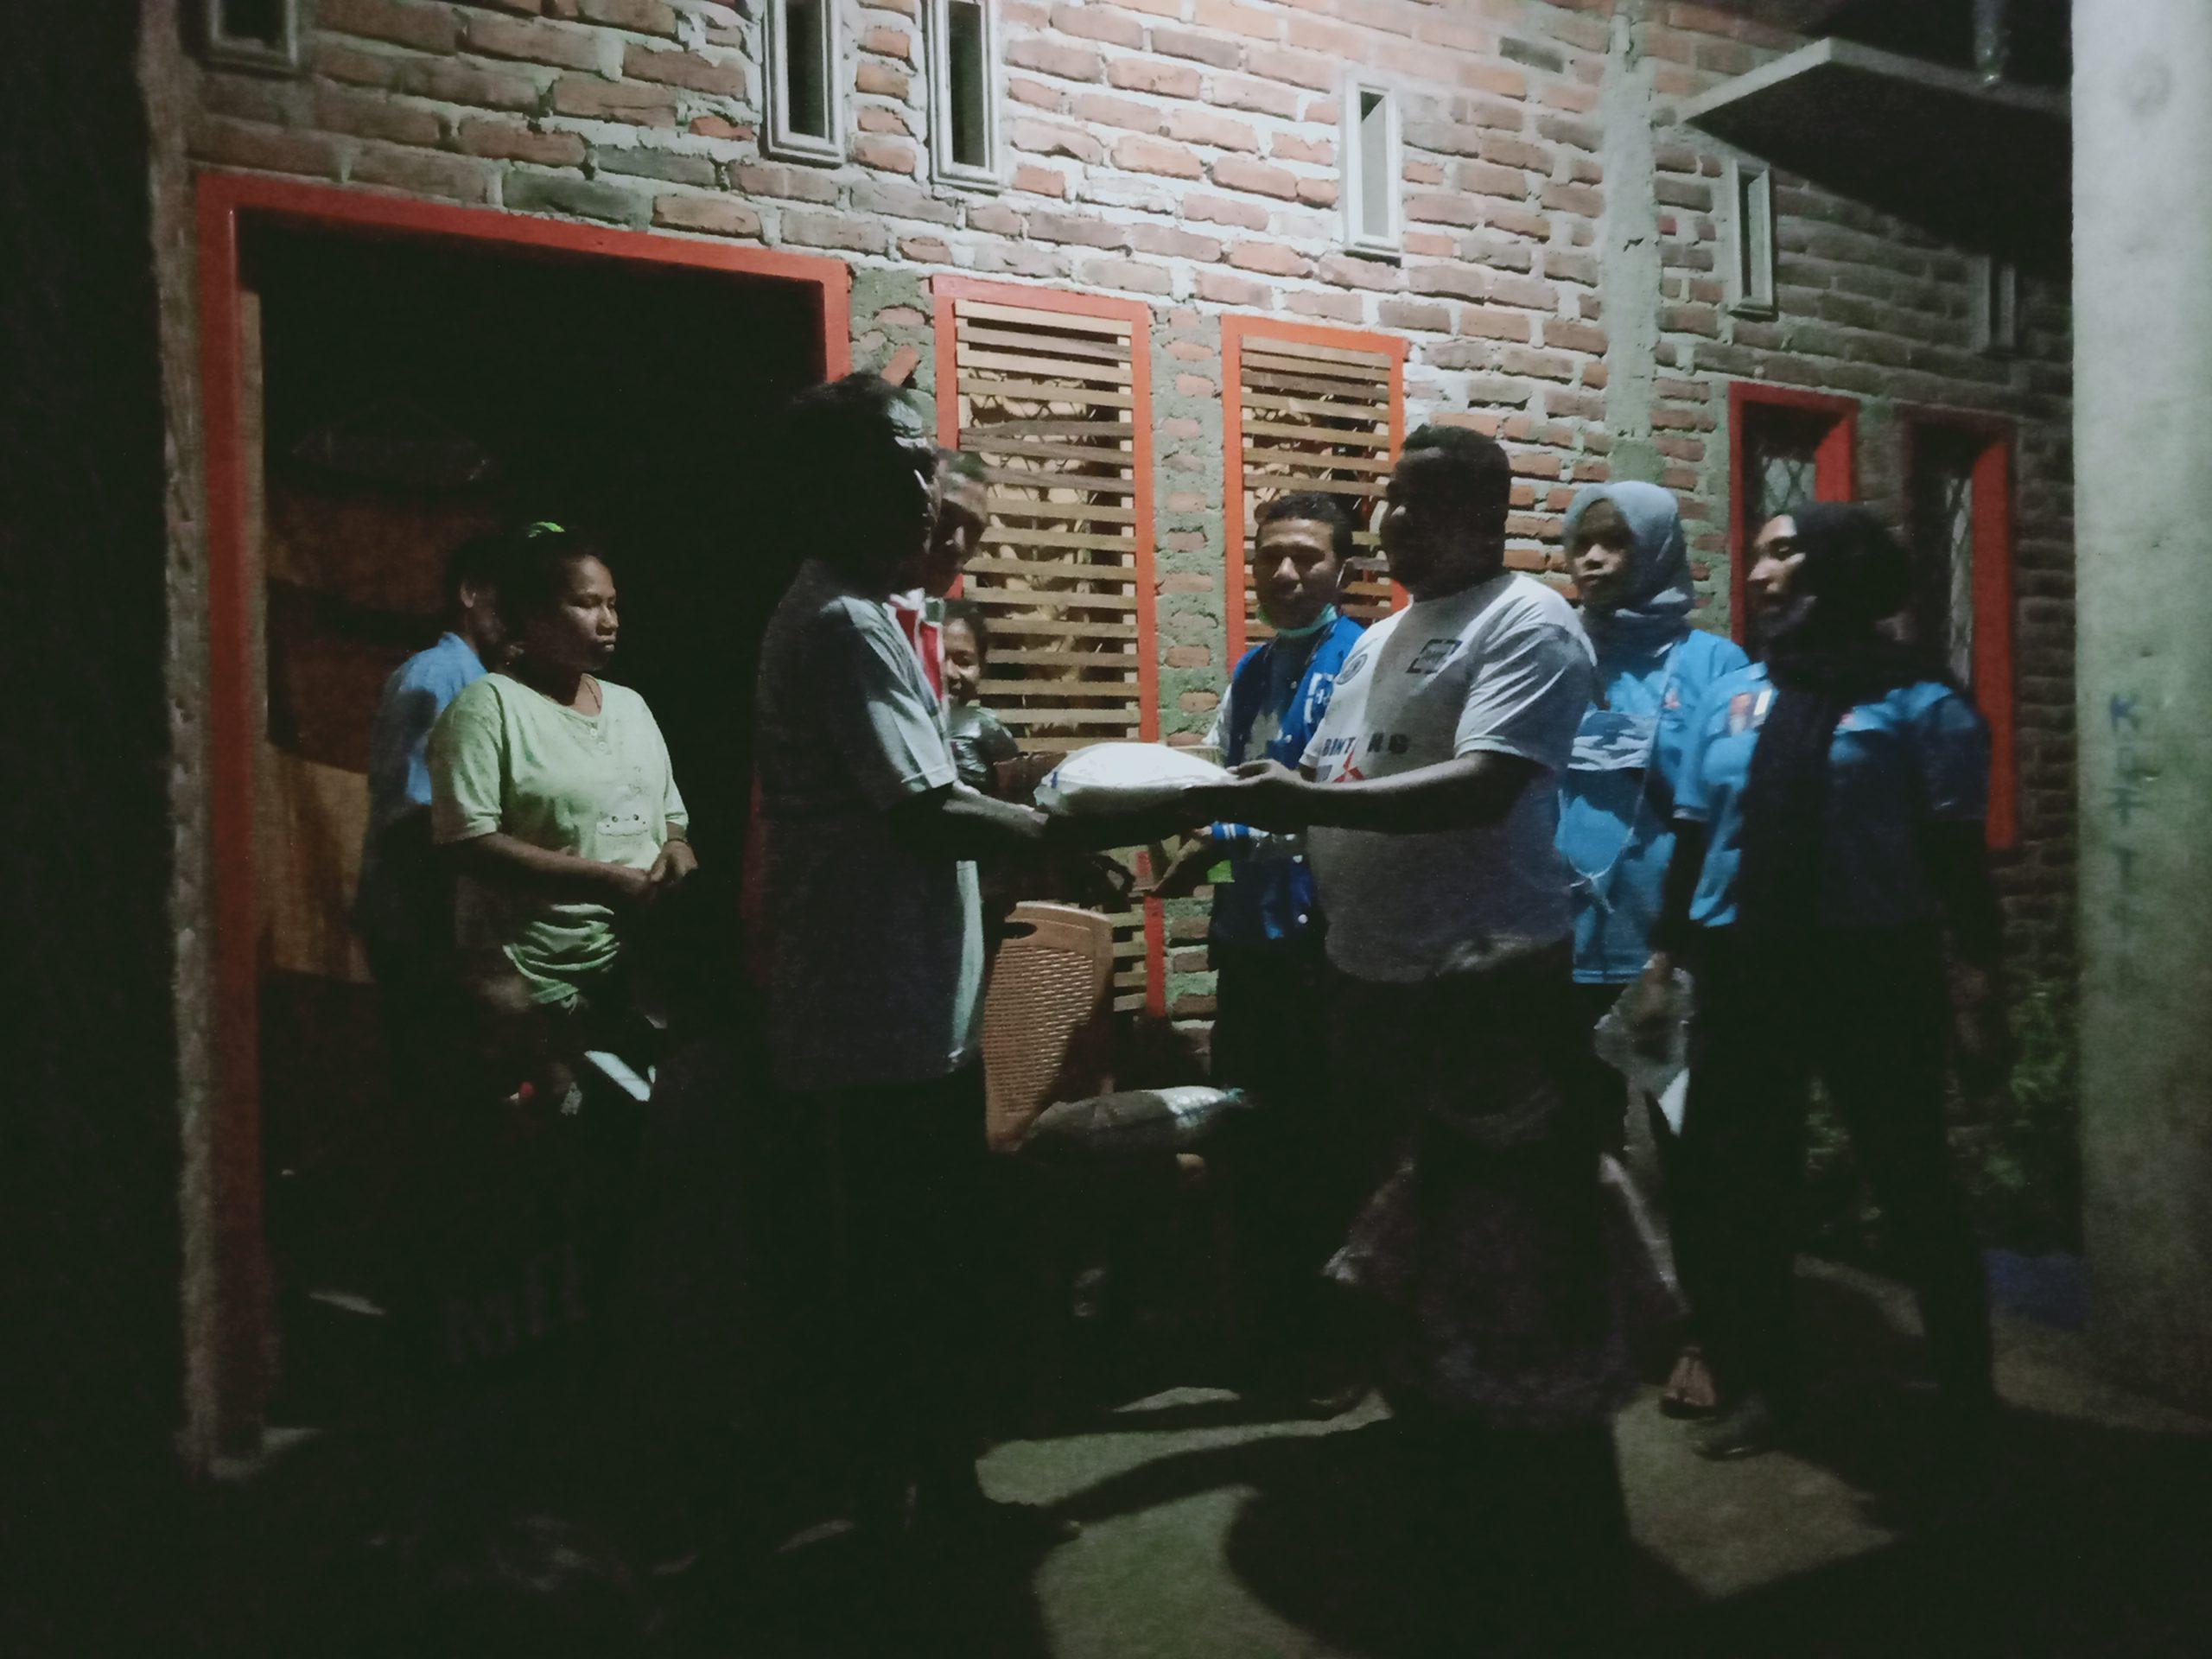 Relawan Kemanusiaan Demokrat Lembata, Datangi Pengungsi Yang Numpang Di Rumah Keluarga Untuk, Salurkan Bantuan DPP